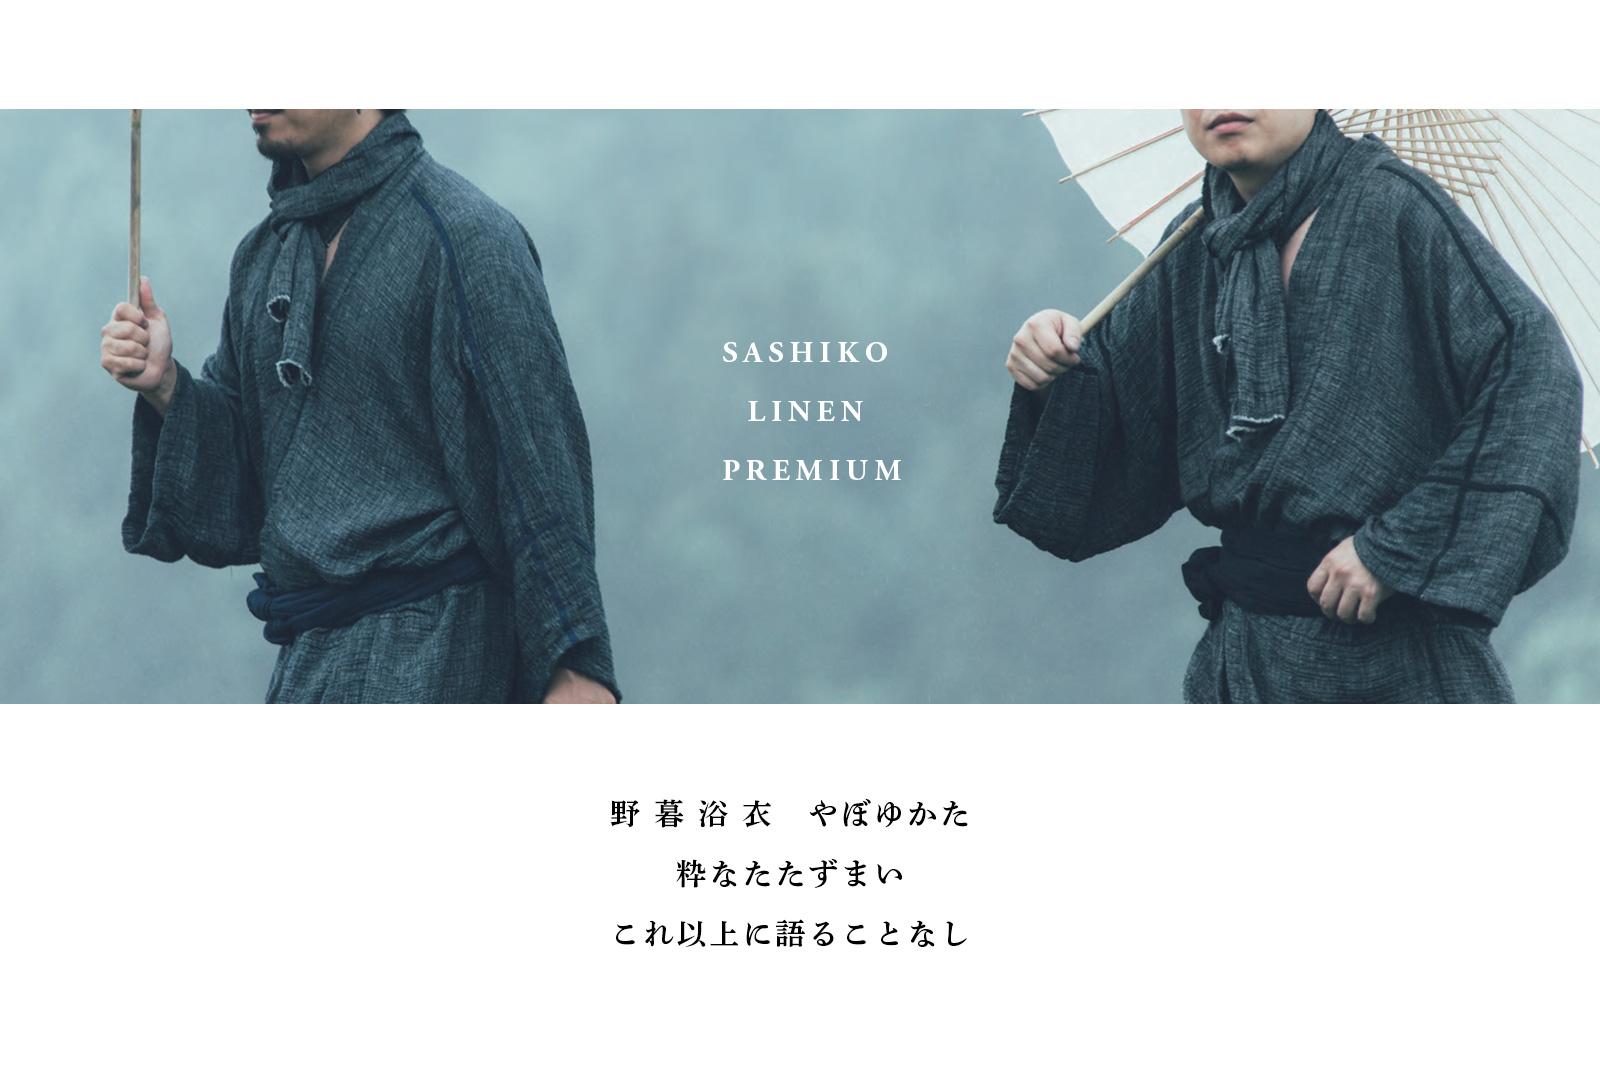 SASHIKO LINEN PREMIUM